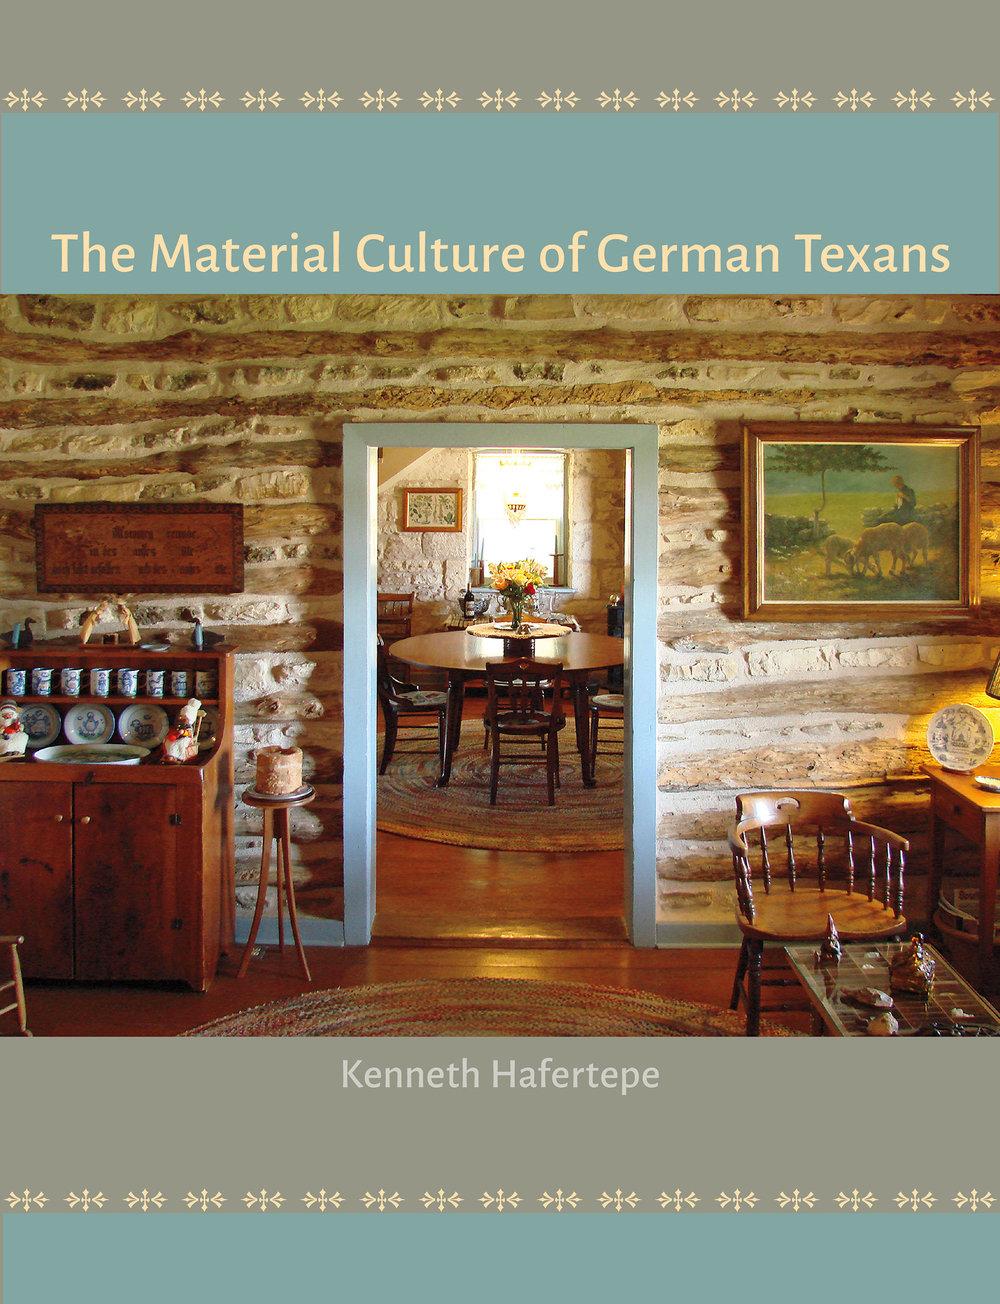 Hafertepe-cover-1800.jpg